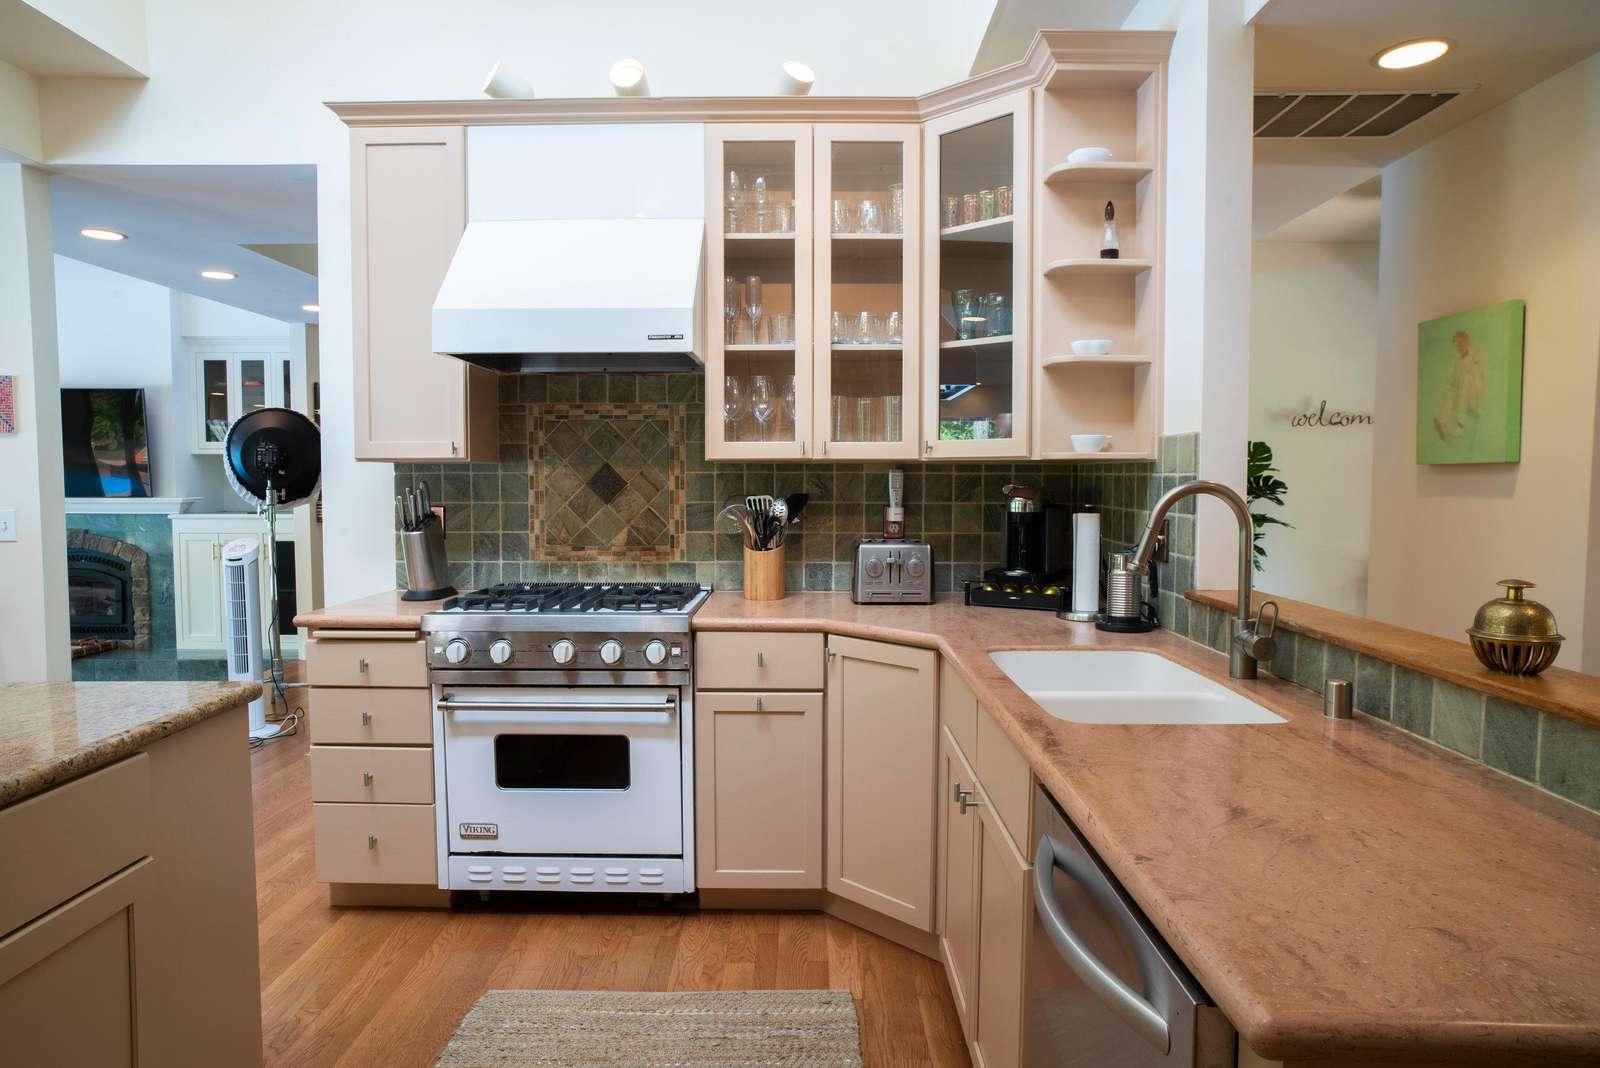 Large entertaining kitchen